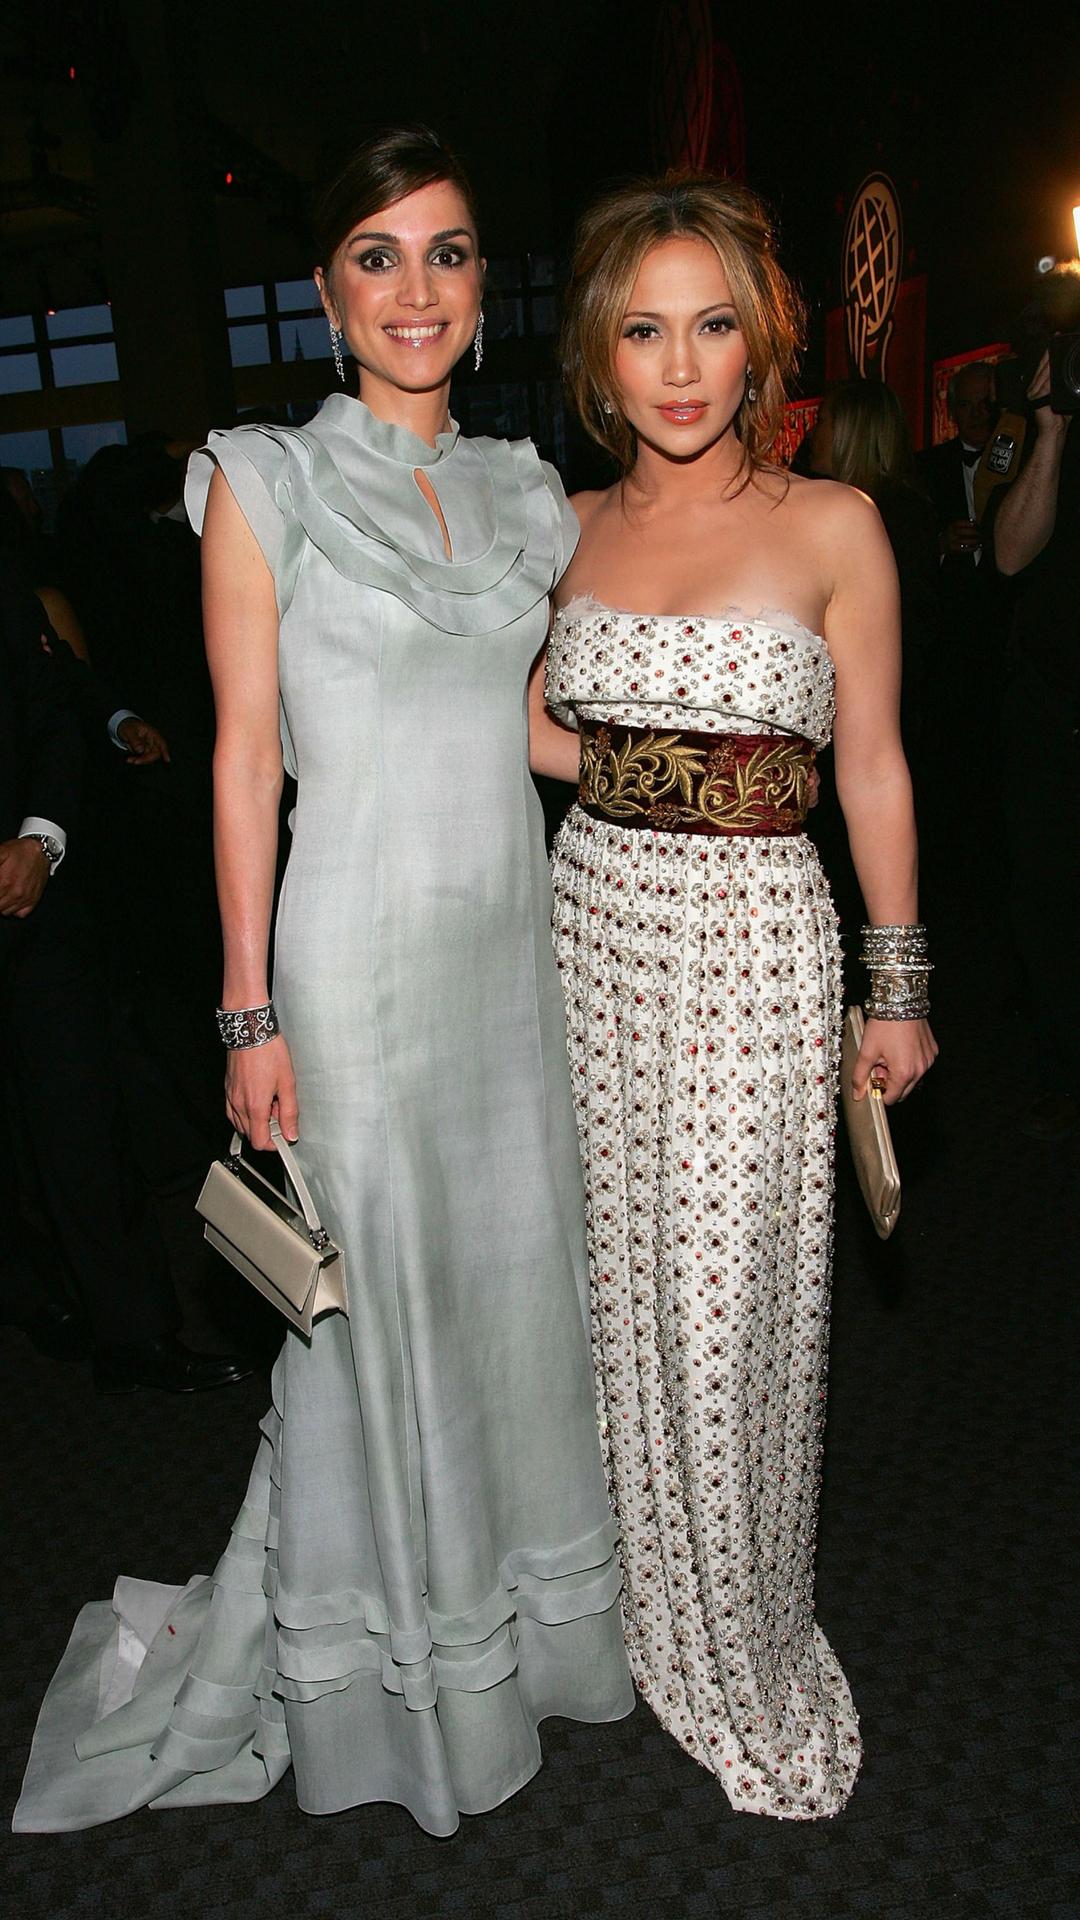 الملكة رانيا مع جنيفر لوبيز فى حفل مجلة تايم لأكثر الشخصيات المؤثرة بالعالم فى 2006